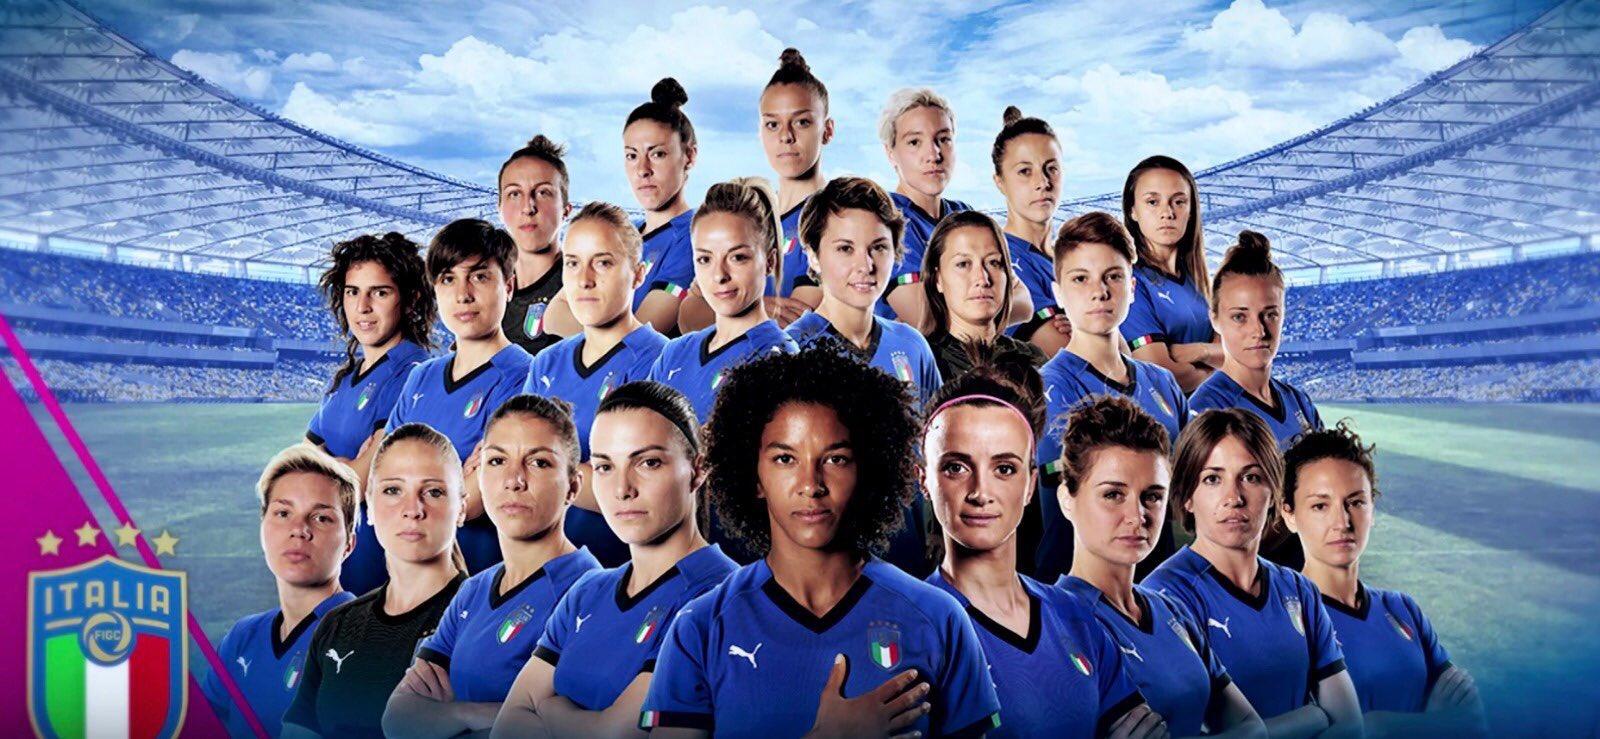 Mondiali di Calcio Femminile, Italia vs Australia (diretta Rai 2 e Sky Sport)